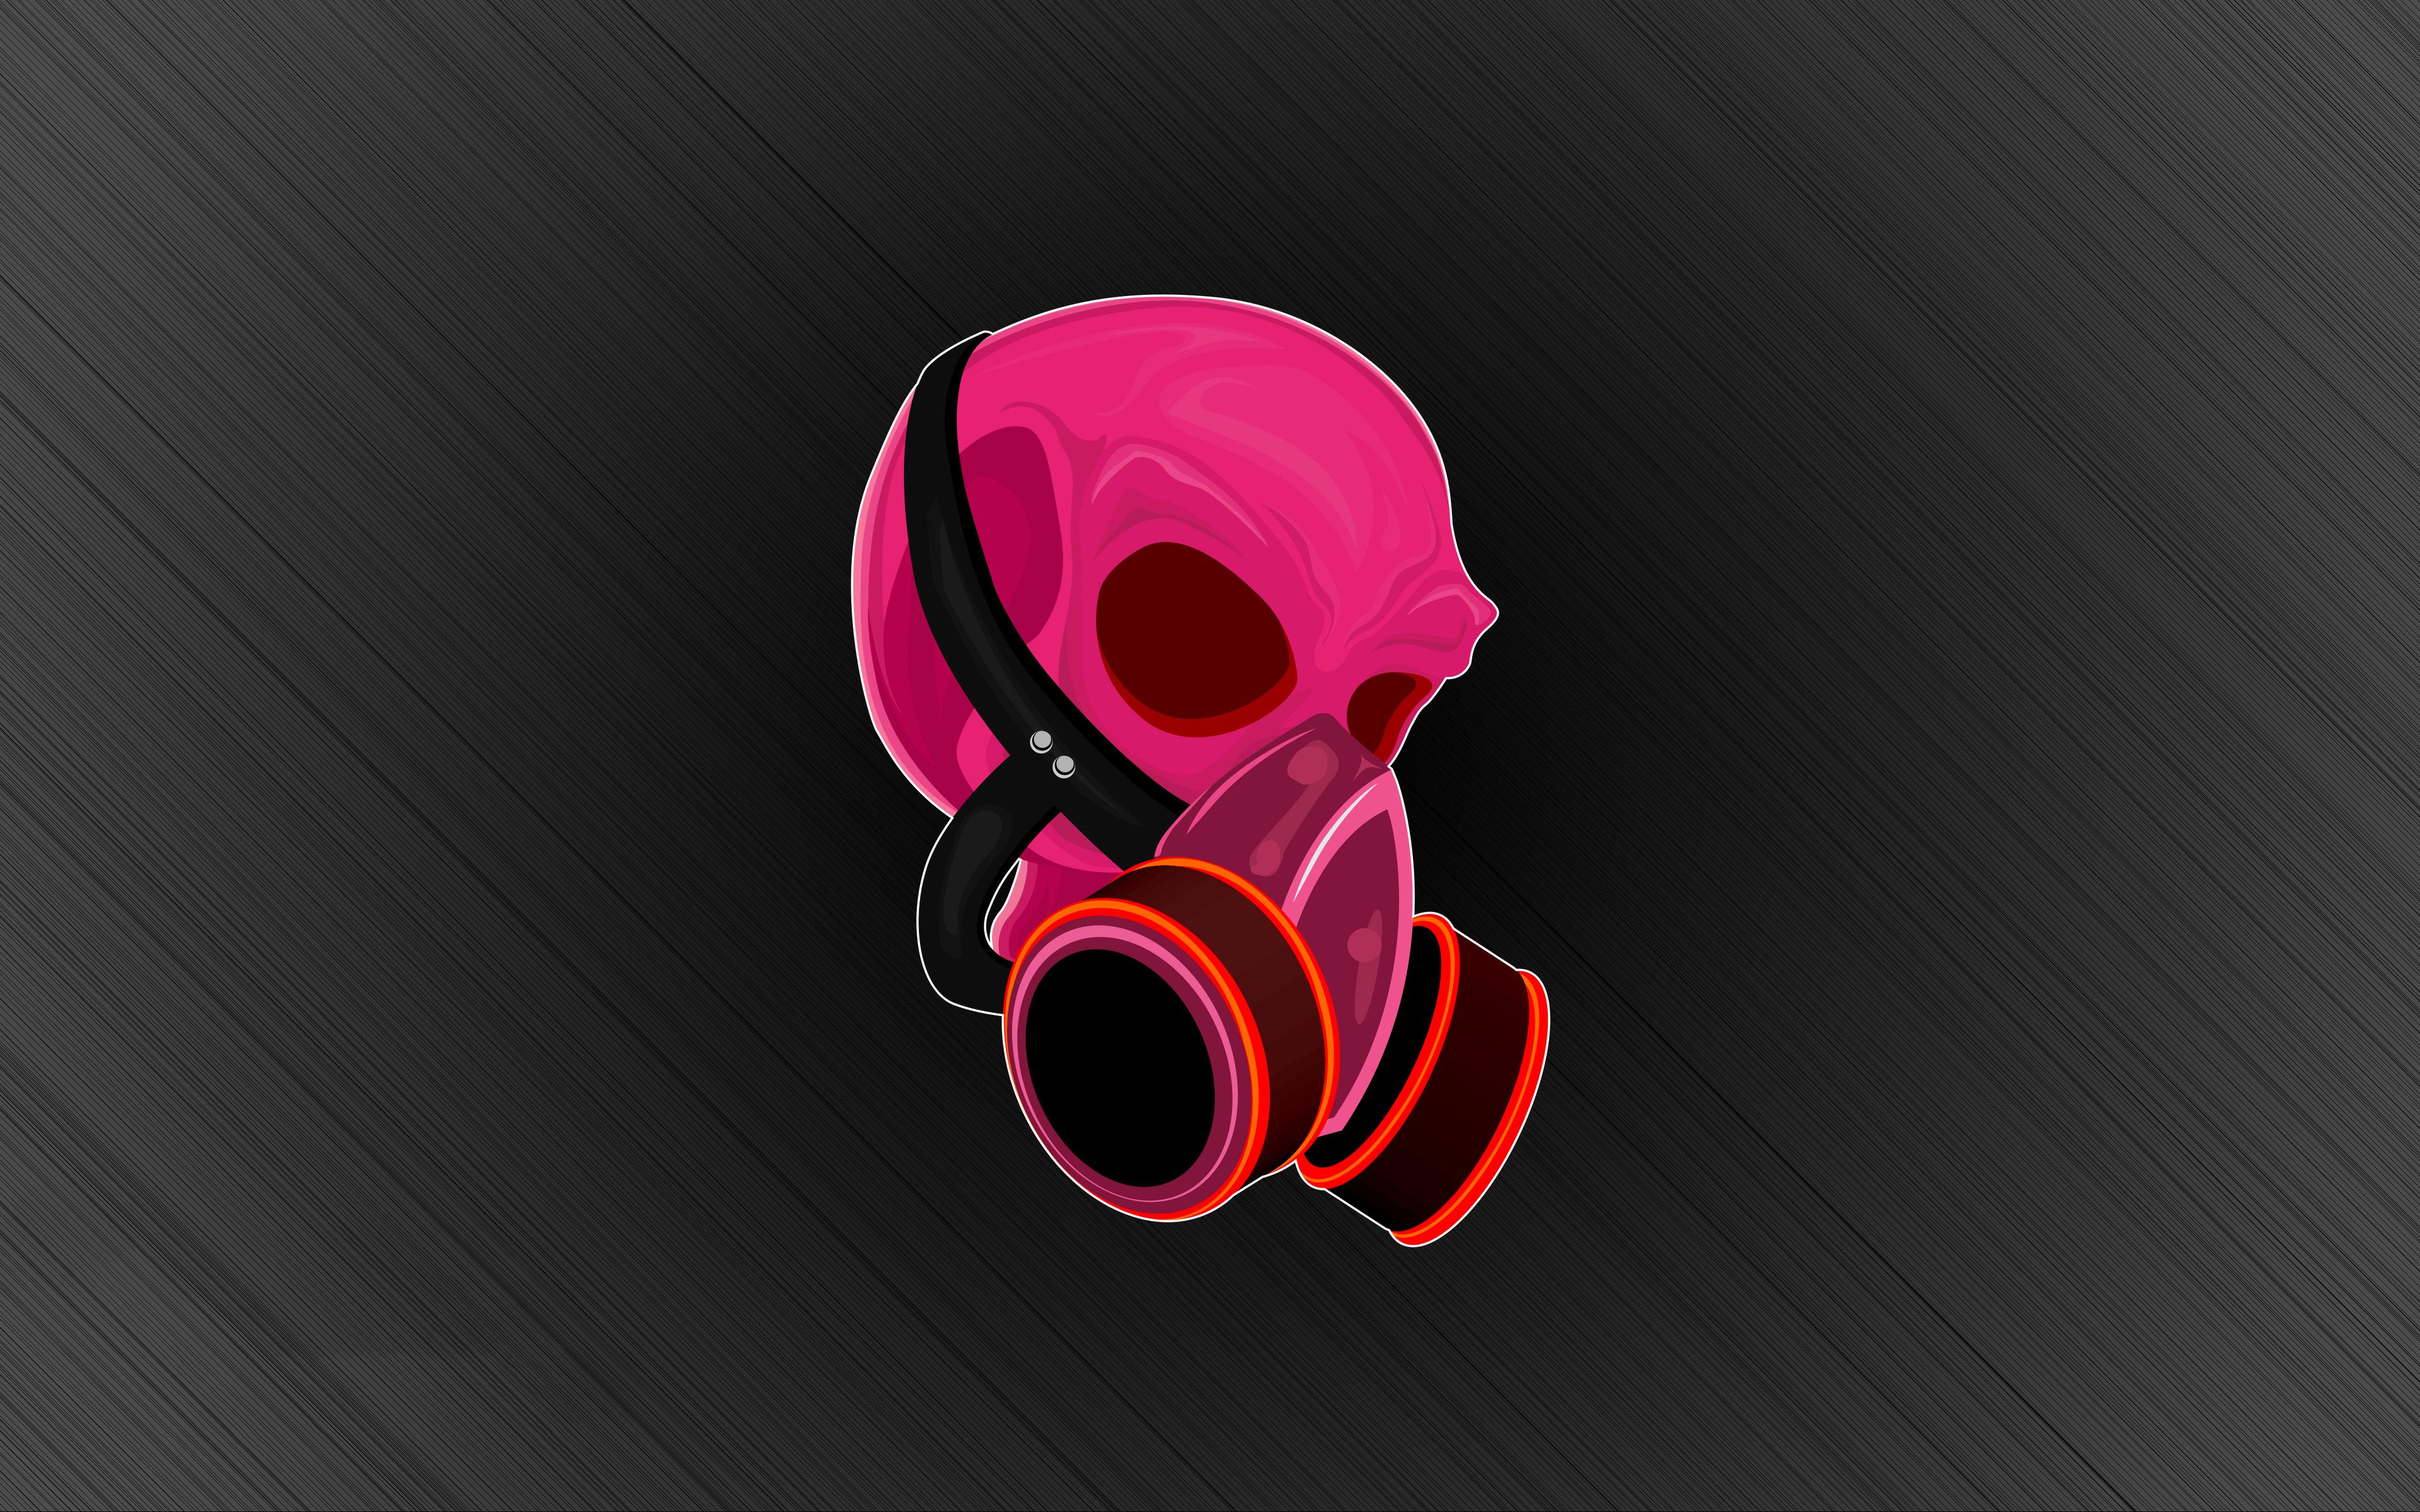 skull-minimal-5k-r6.jpg